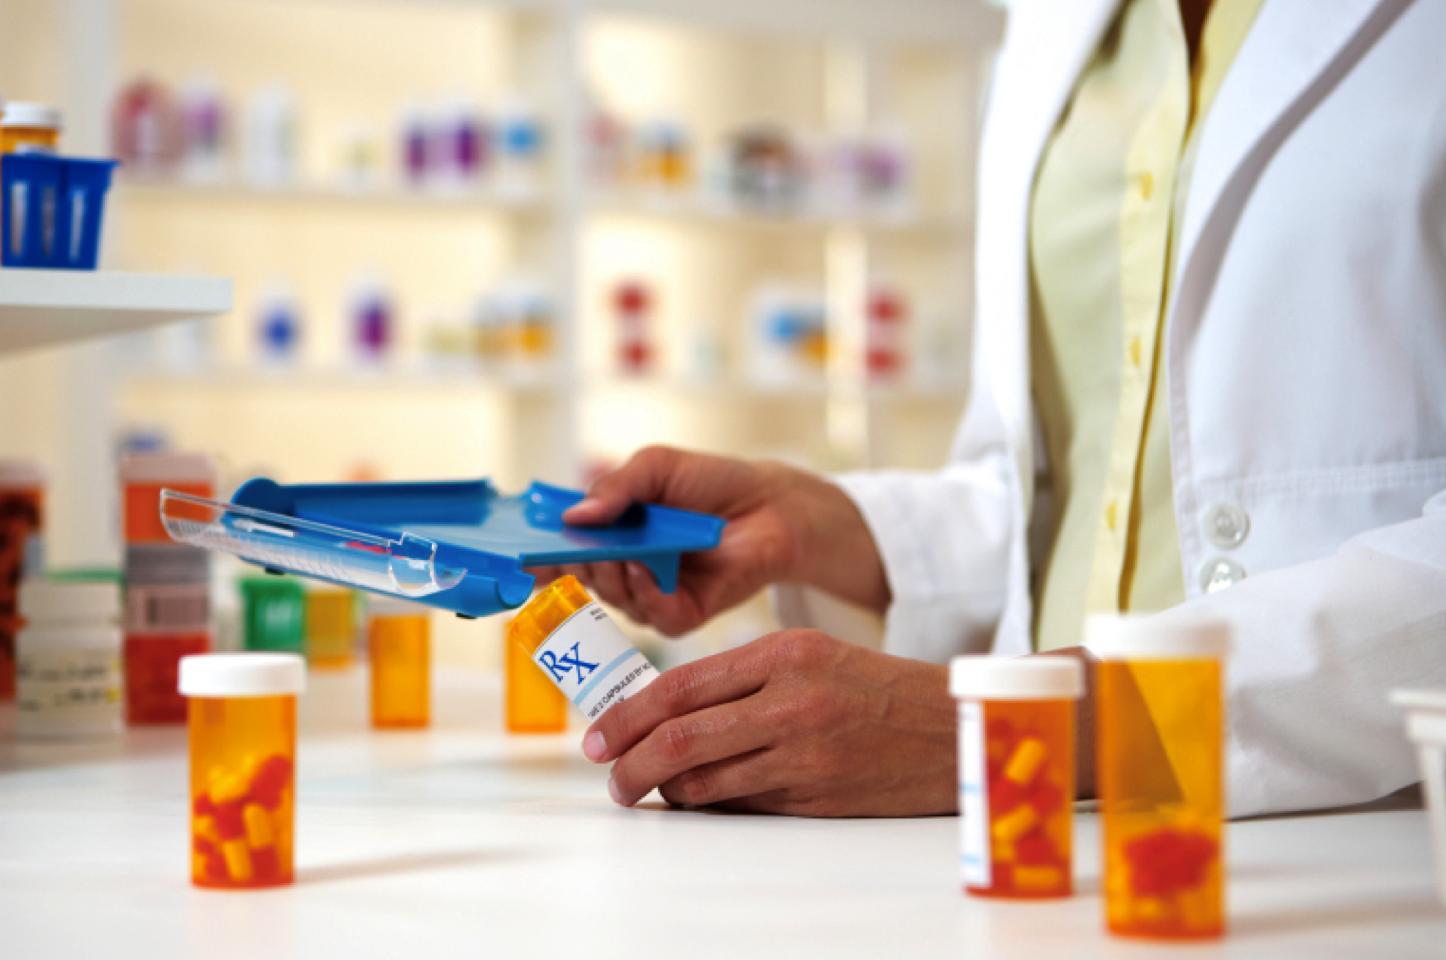 Gestione Magazzino Farmaci.Gestione Del Magazzino Farmaceutico E Dei Trial Clinici Gbs